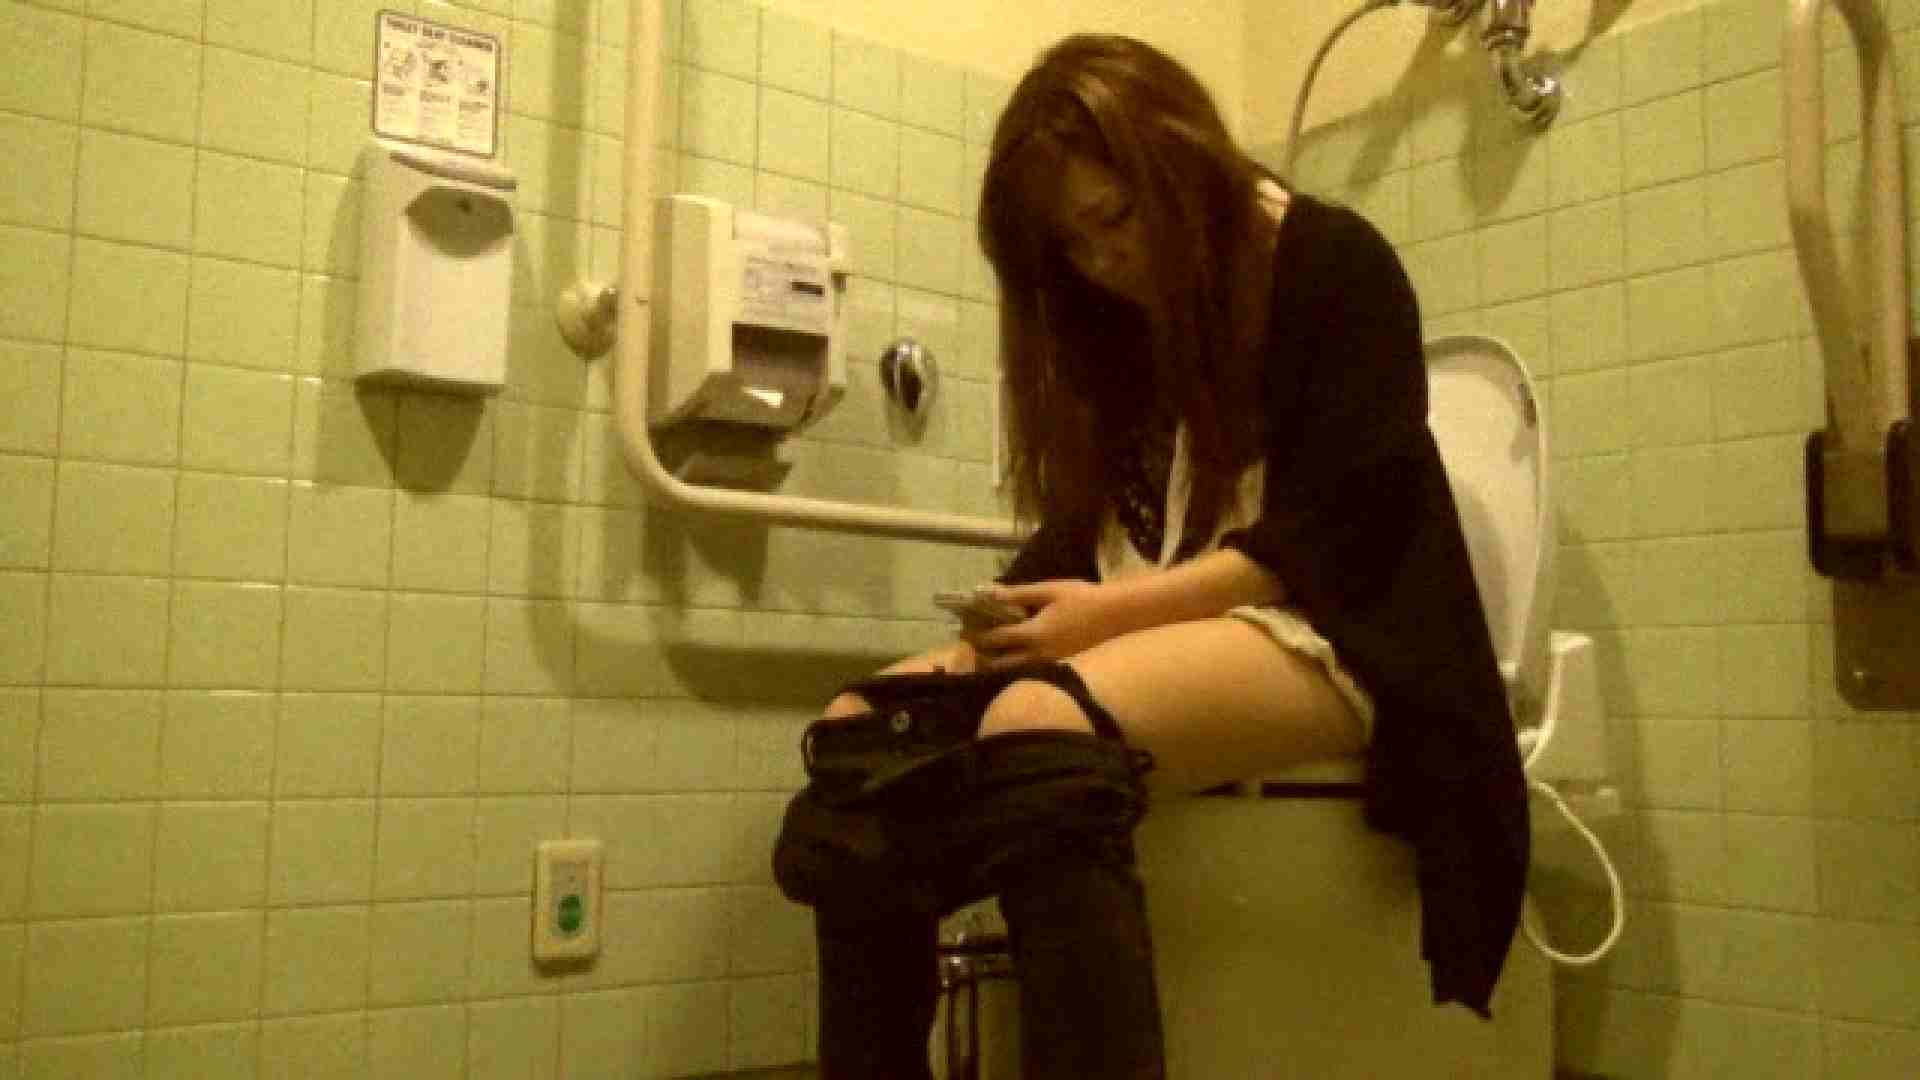 魔術師の お・も・て・な・し vol.26 19歳のバーの店員さんの洗面所をしばし… 美しいOLの裸体  73pic 33